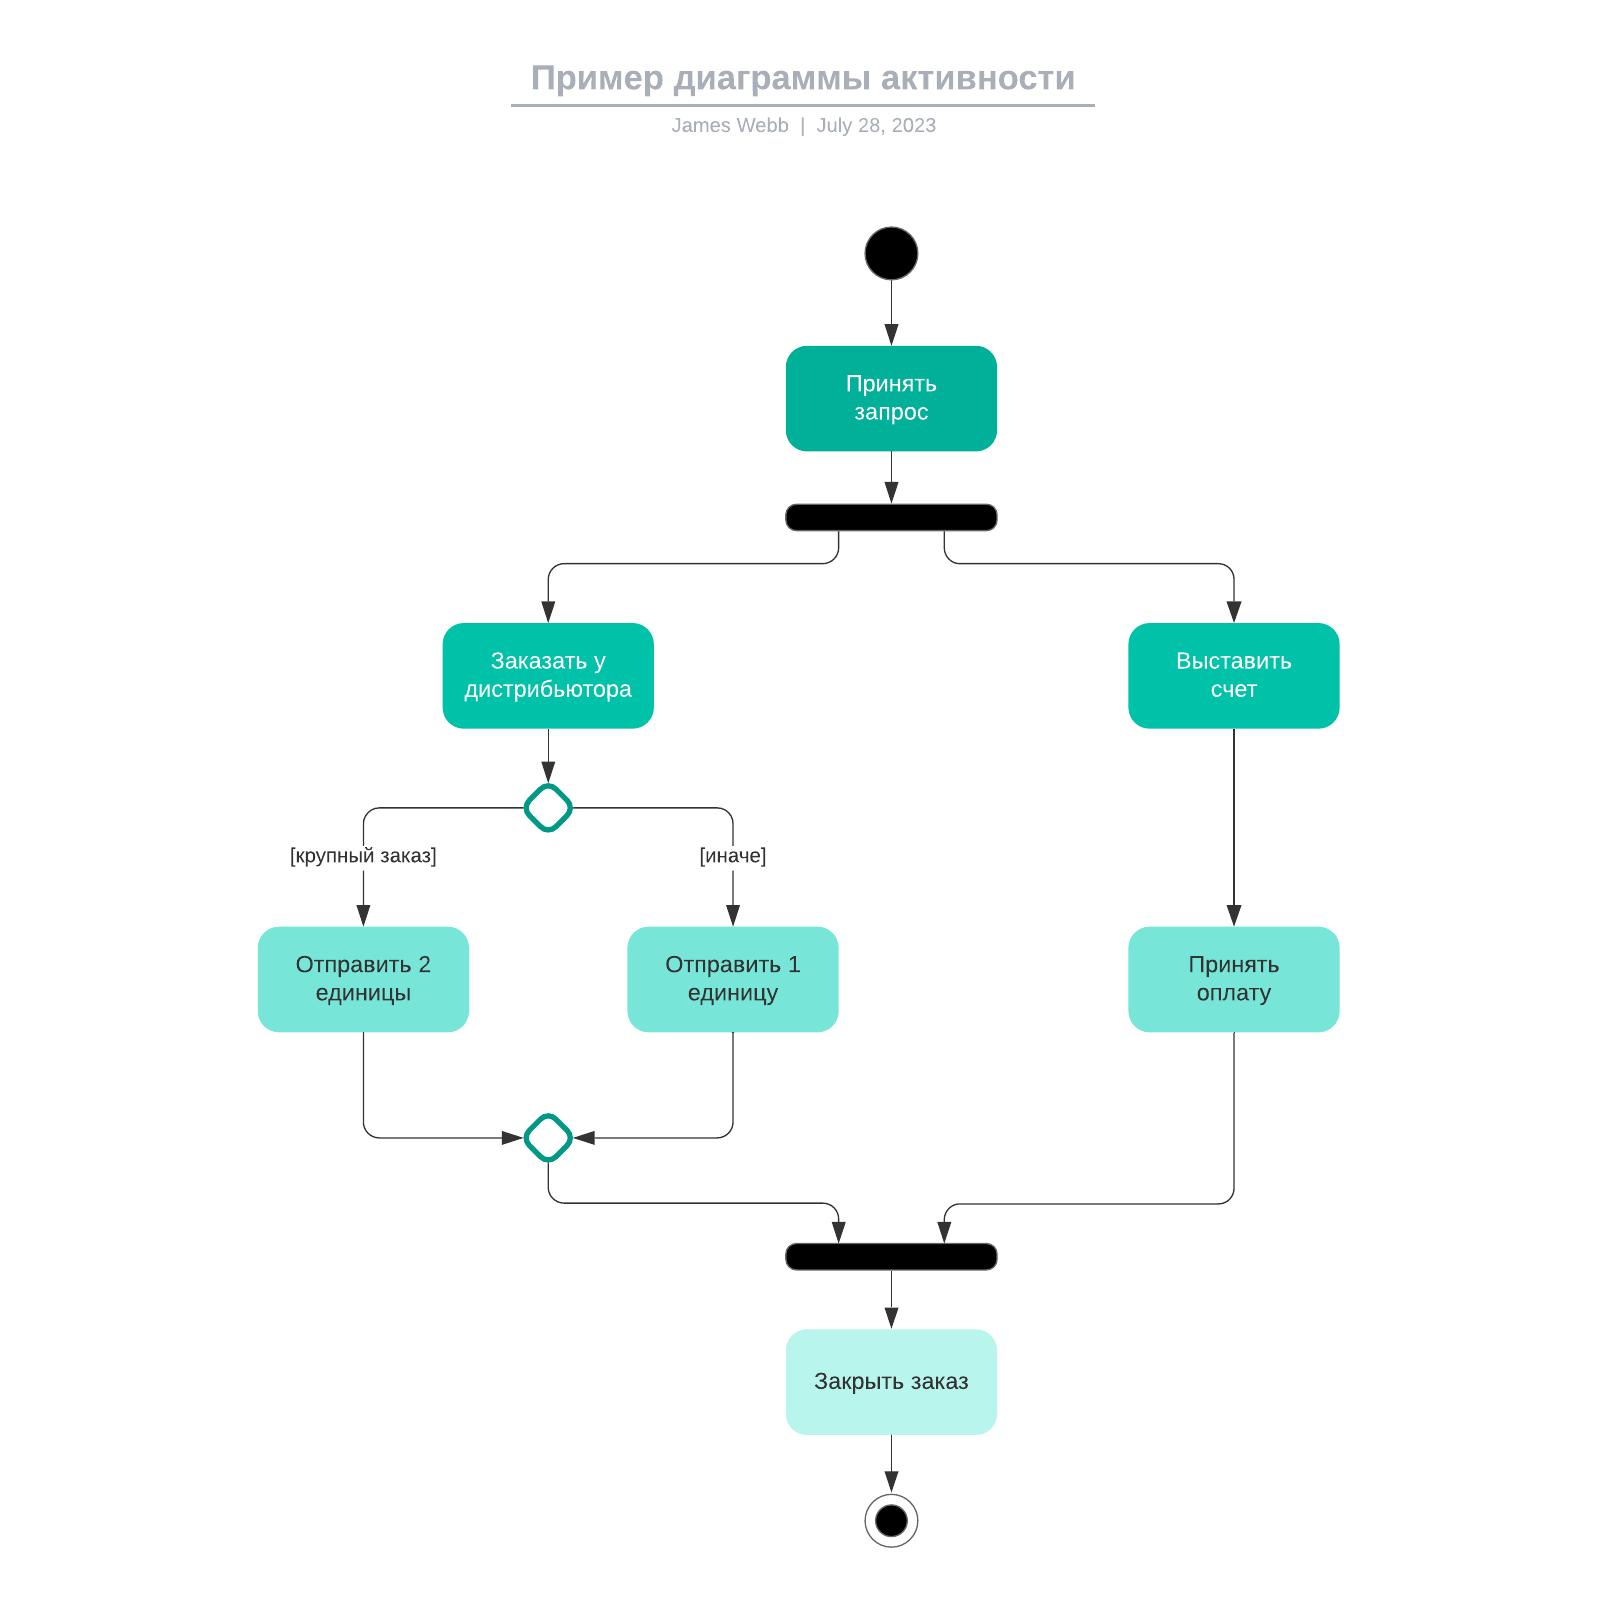 Пример диаграммы активности